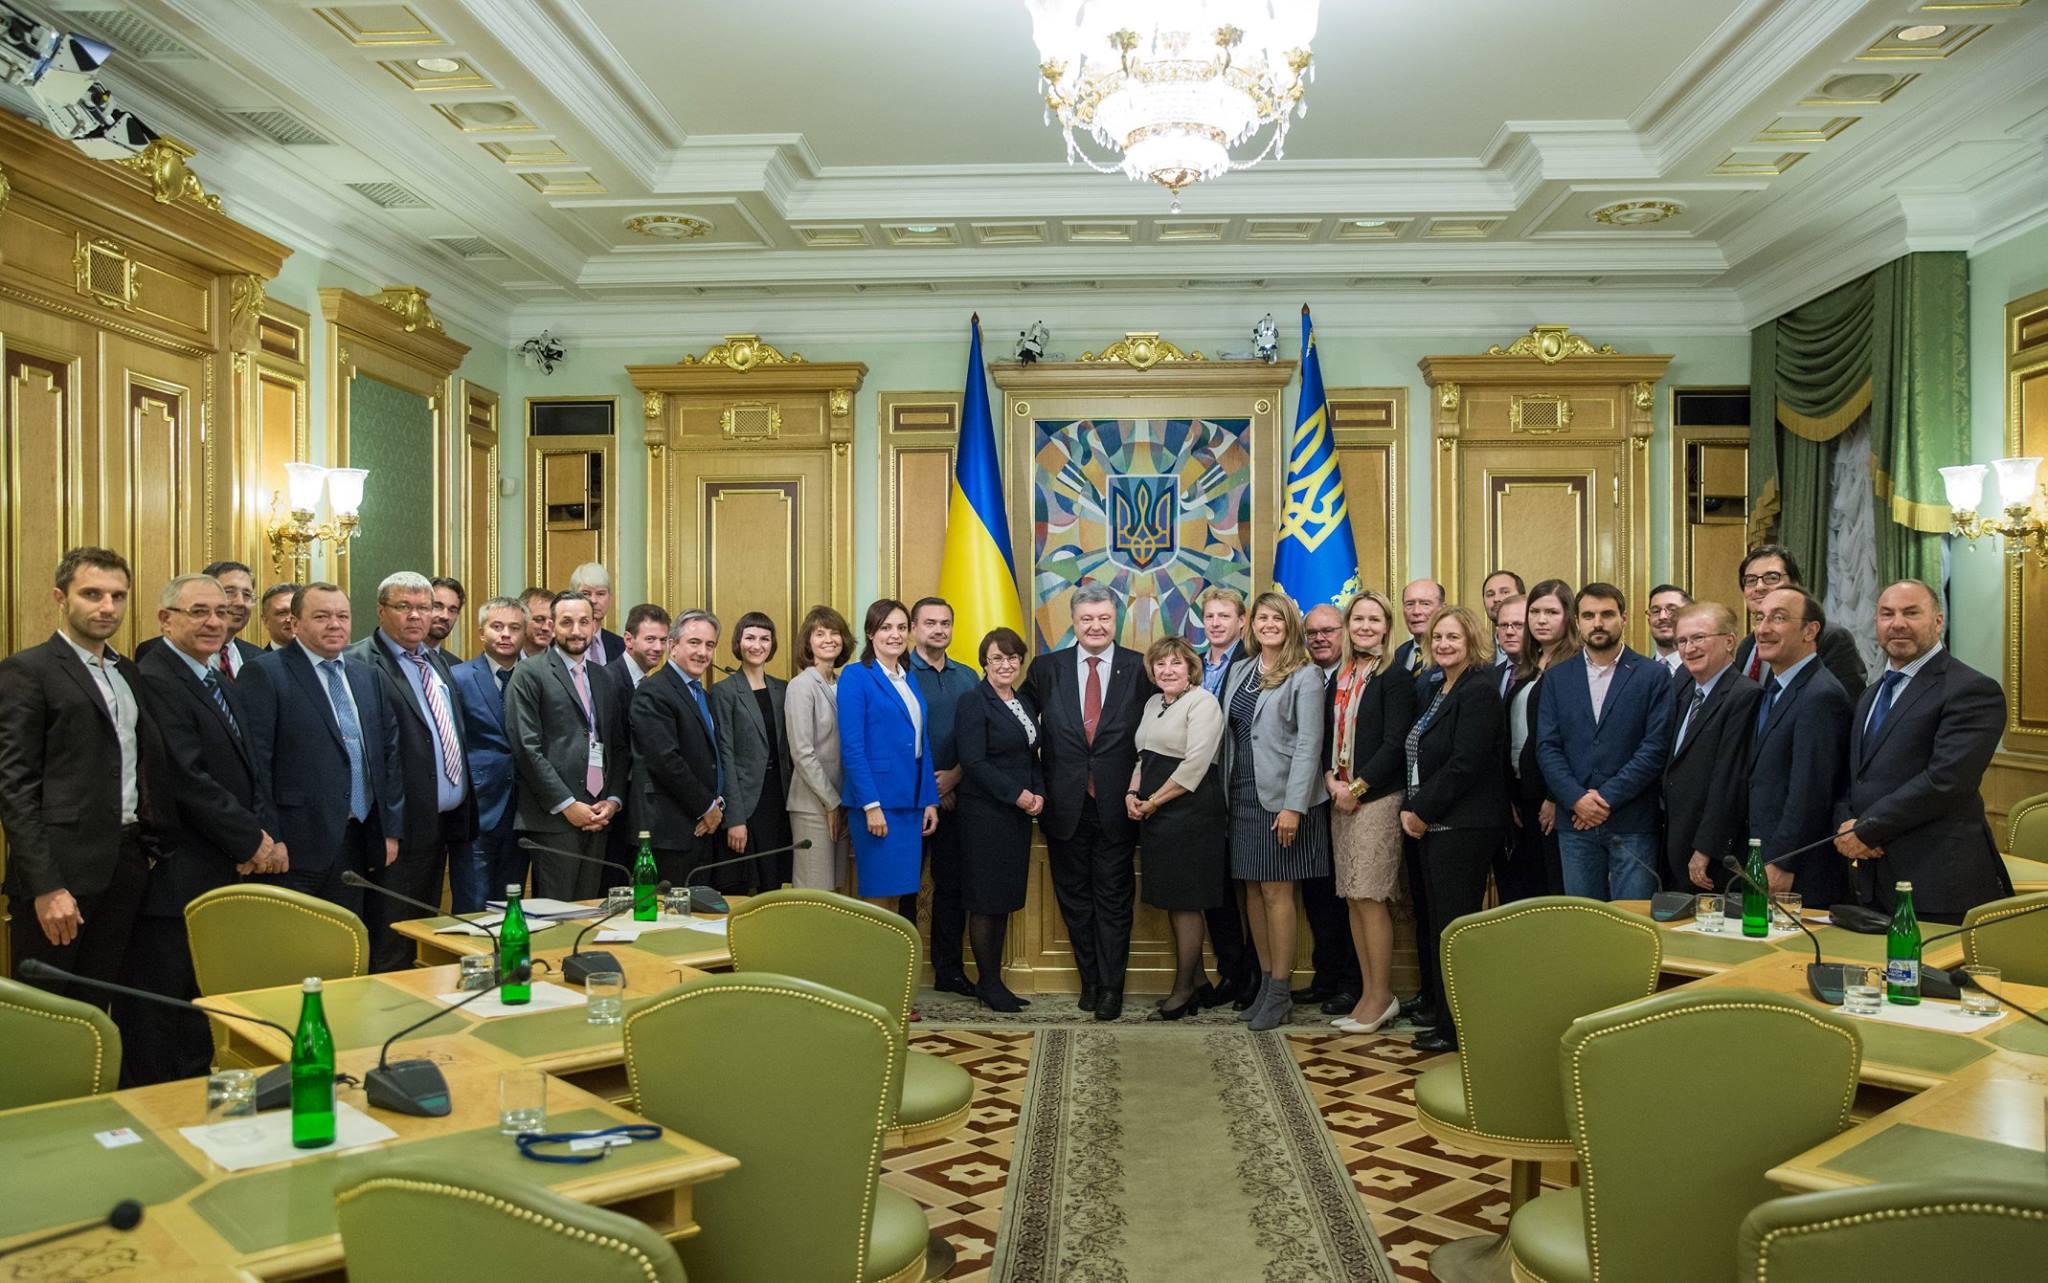 Реформы сделают государство Украину сильнее, успешнее и безопаснее — Порошенко